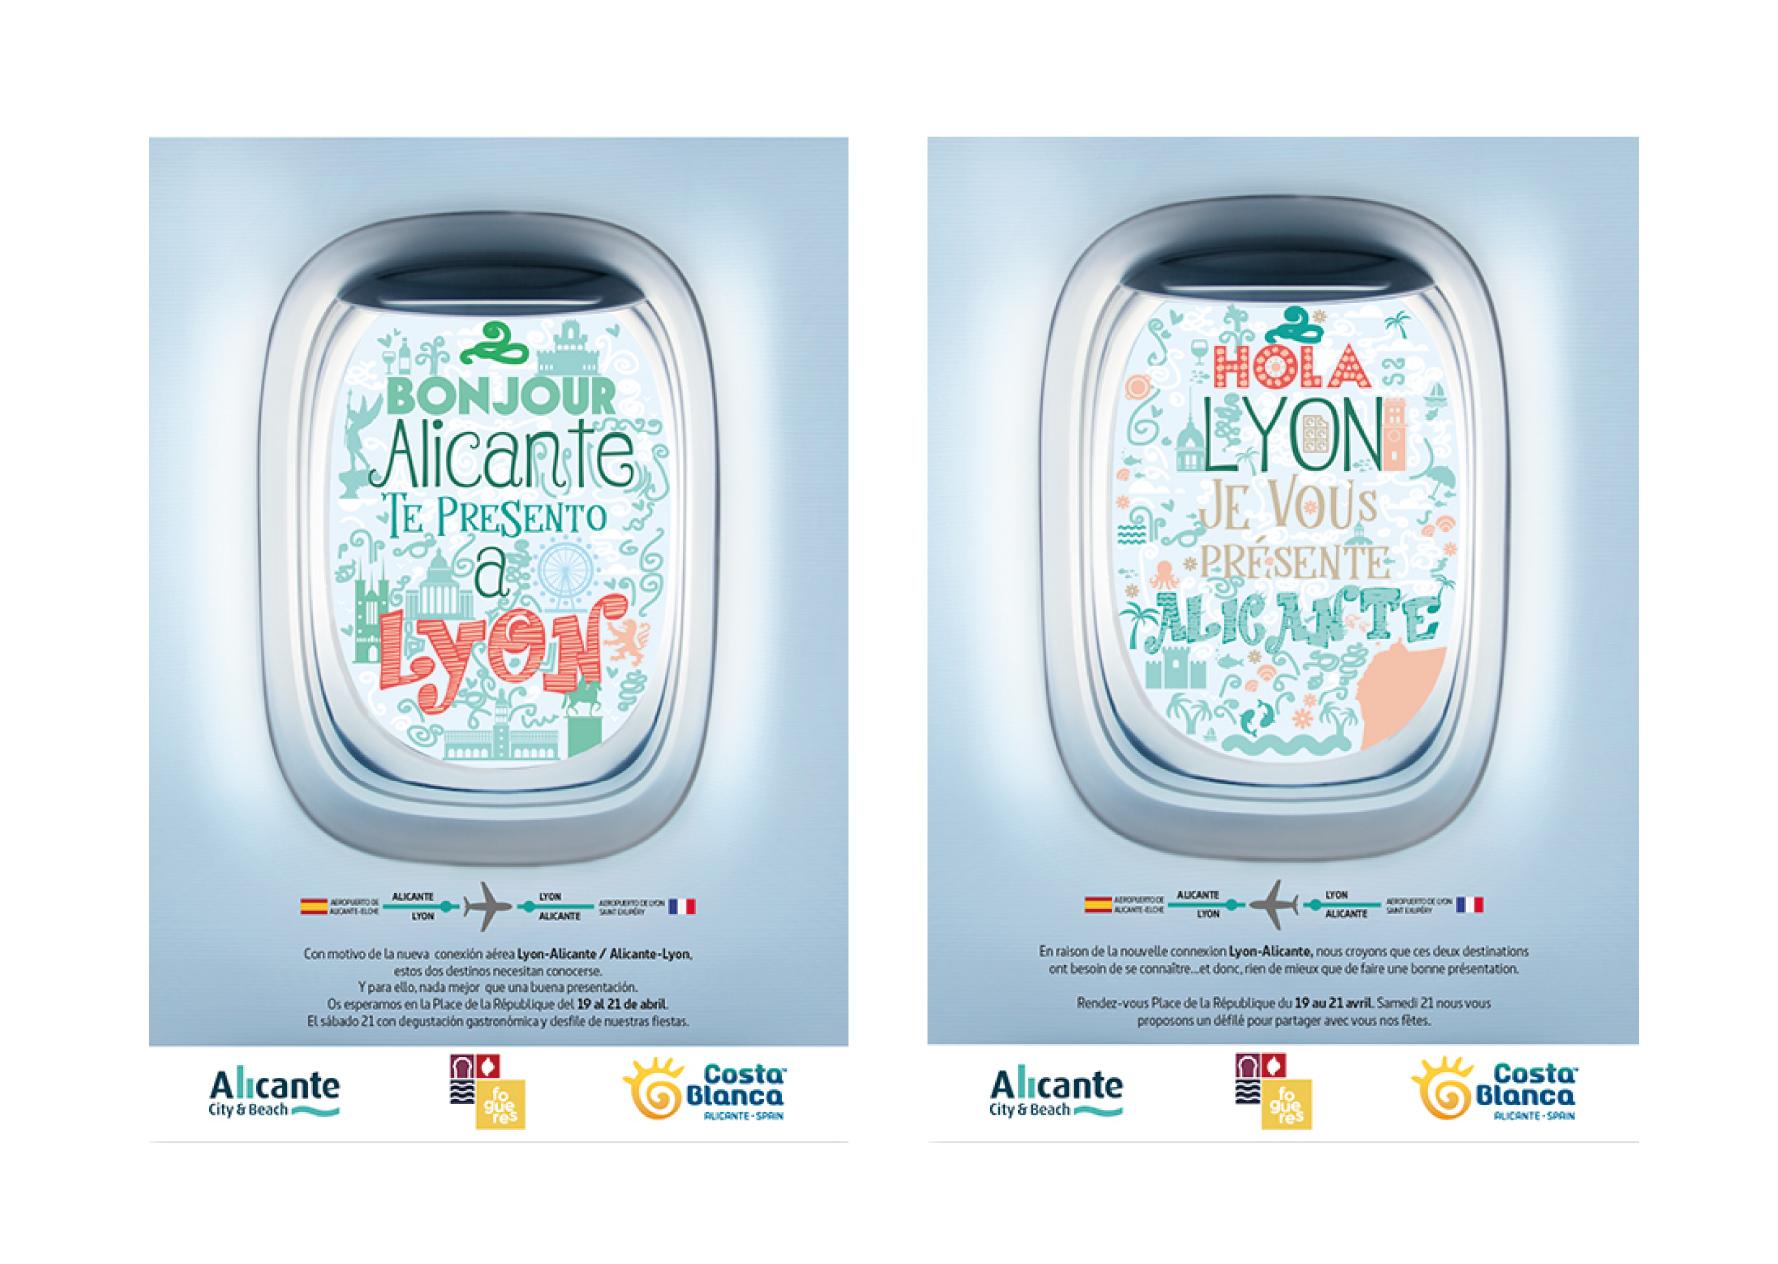 Diseño de campaña nuevo destino Lisboa - Alicante